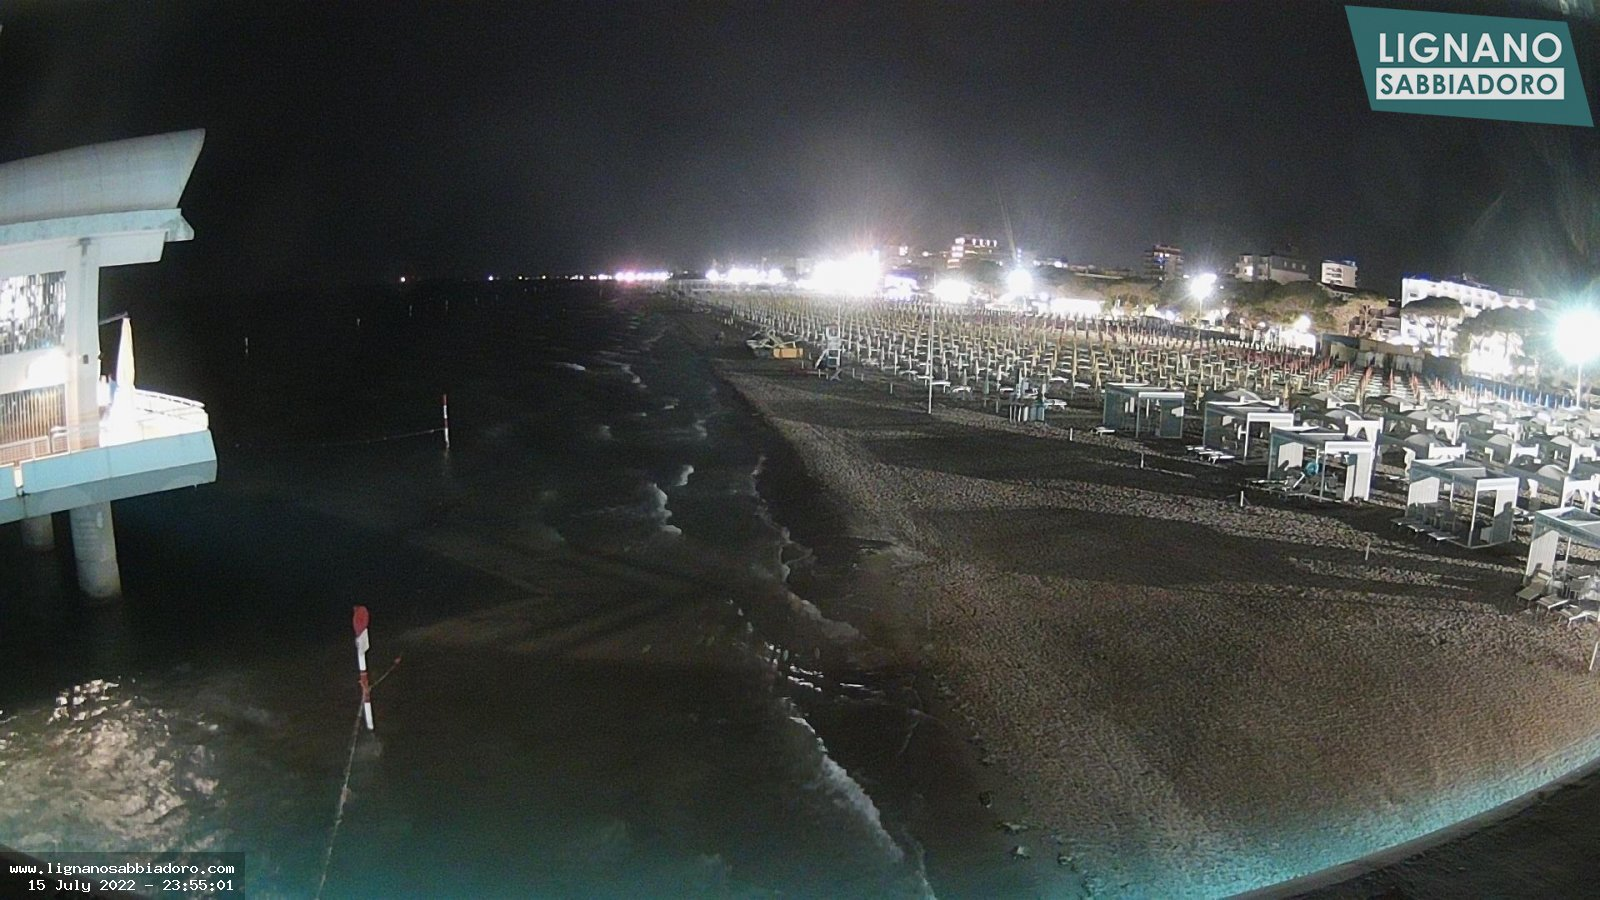 Webcam a Lignano Sabbiadoro, panoramica nord est con isola delle conchiglie